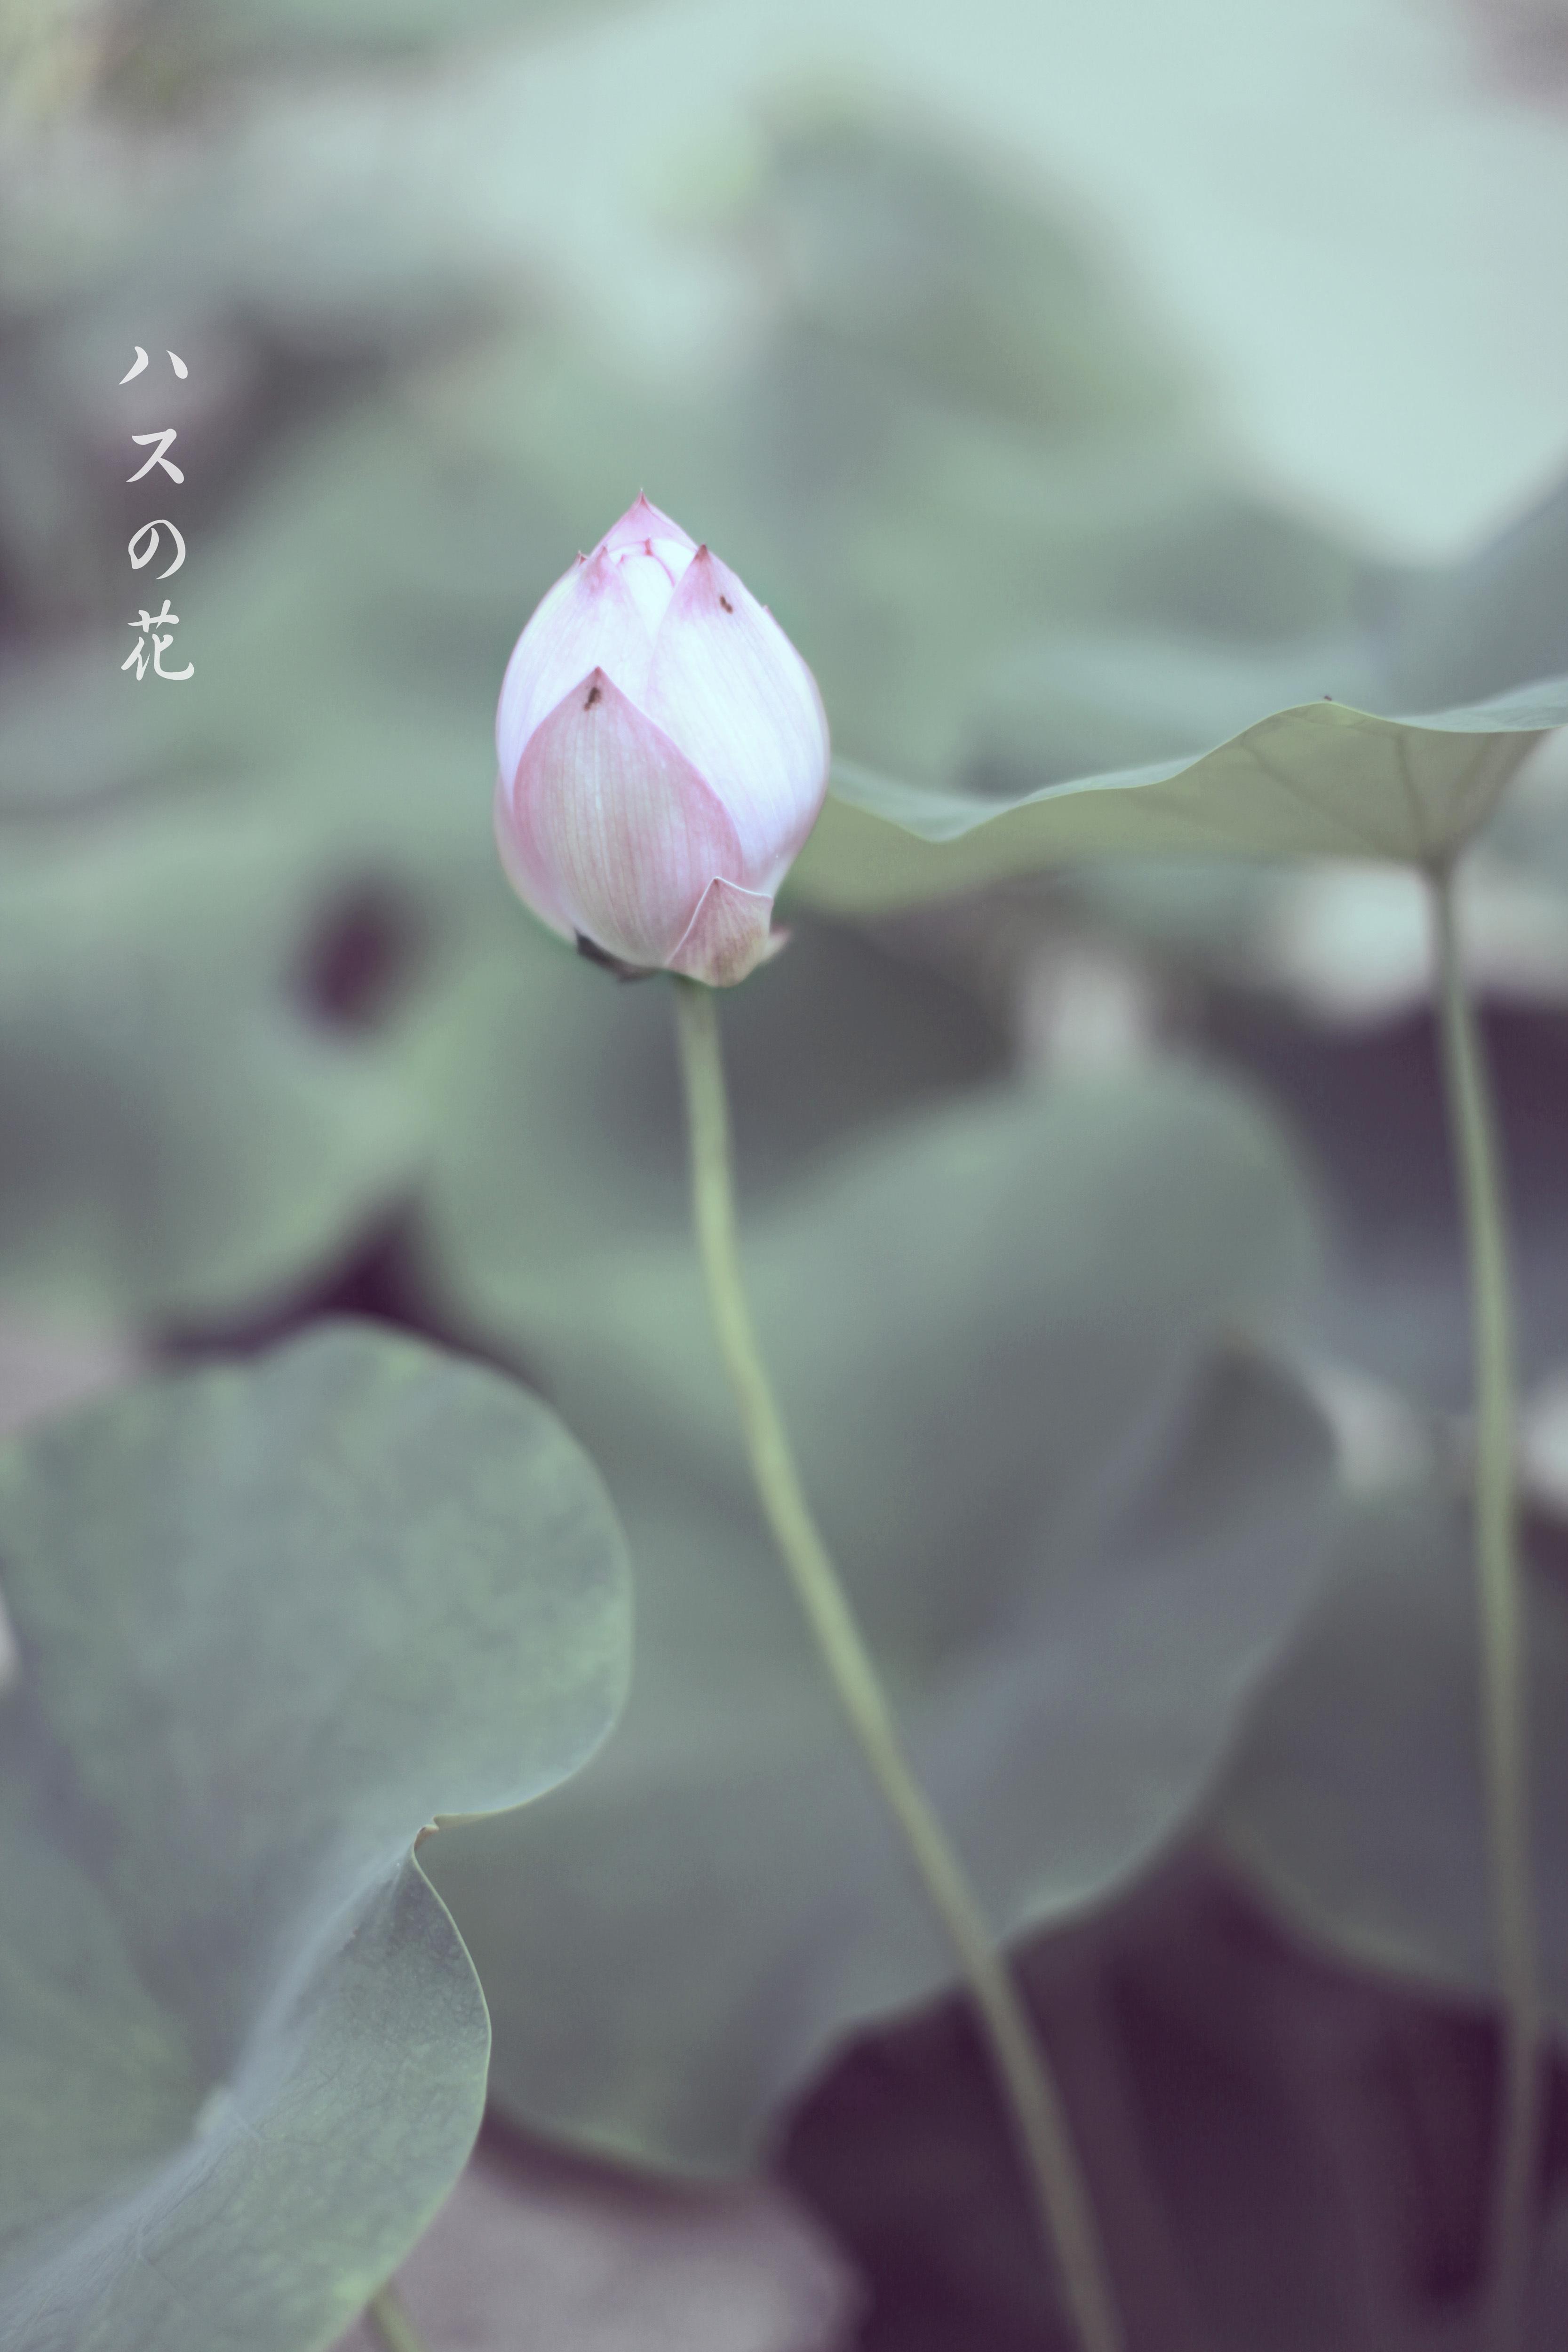 日式小清新-荷花